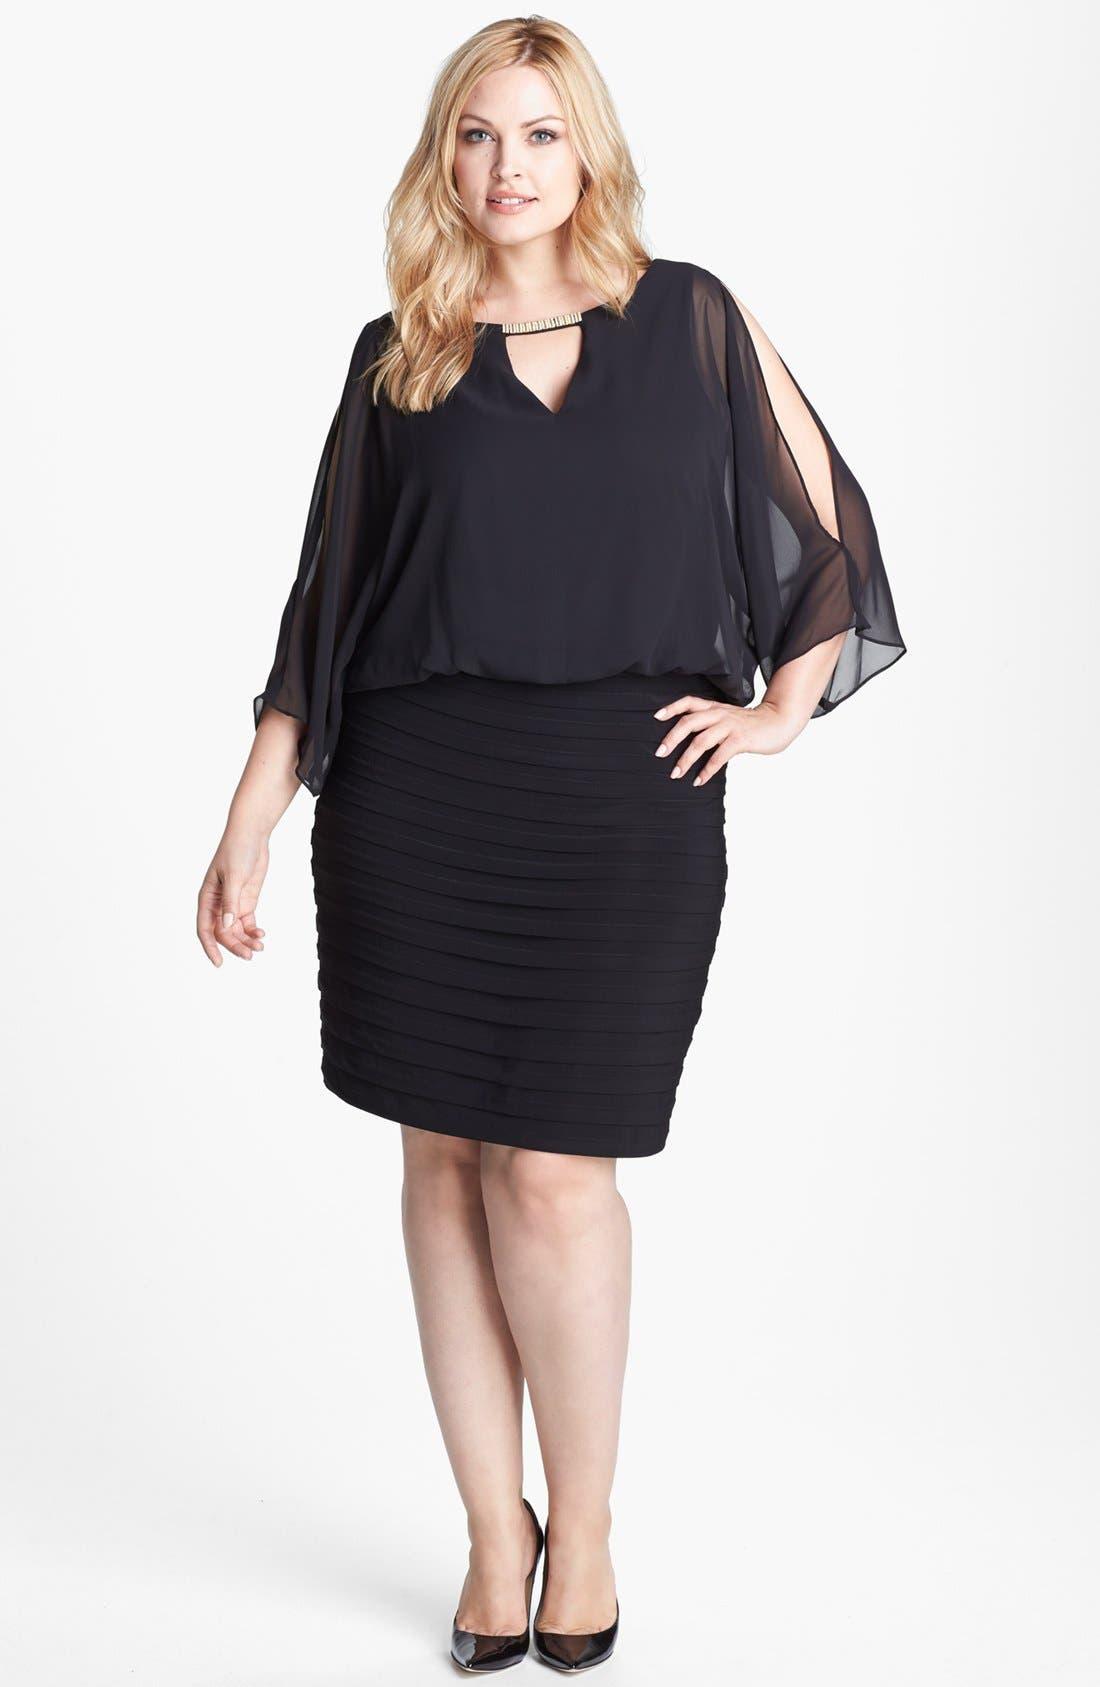 Main Image - Xscape Embellished Keyhole Mixed Media Blouson Dress (Plus Size)